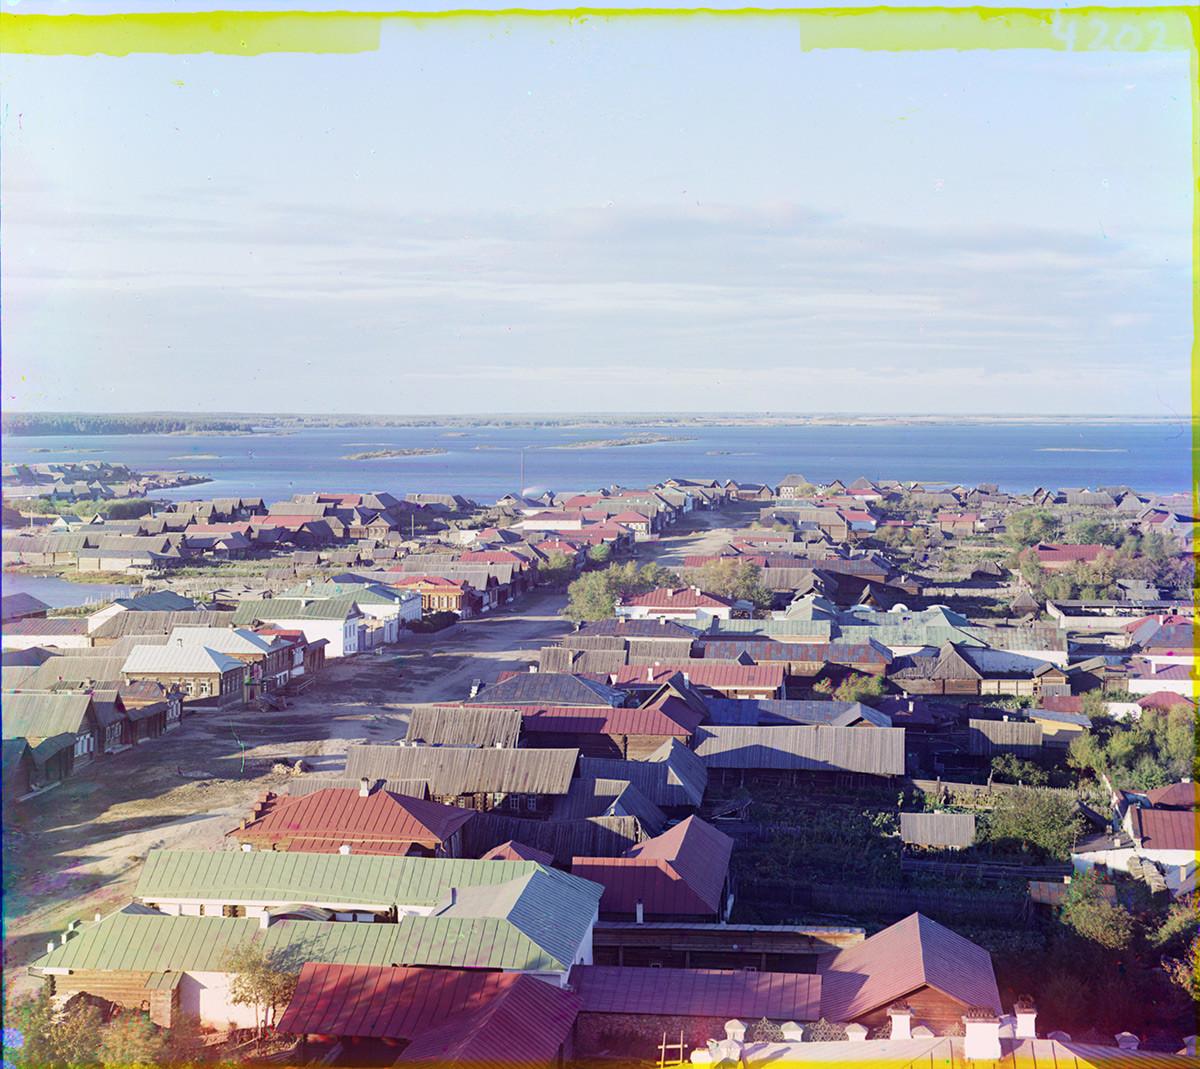 Kasli. Vista norte con el gran lago Kasli. Verano de 1909. Serguéi Prokudin-Gorski